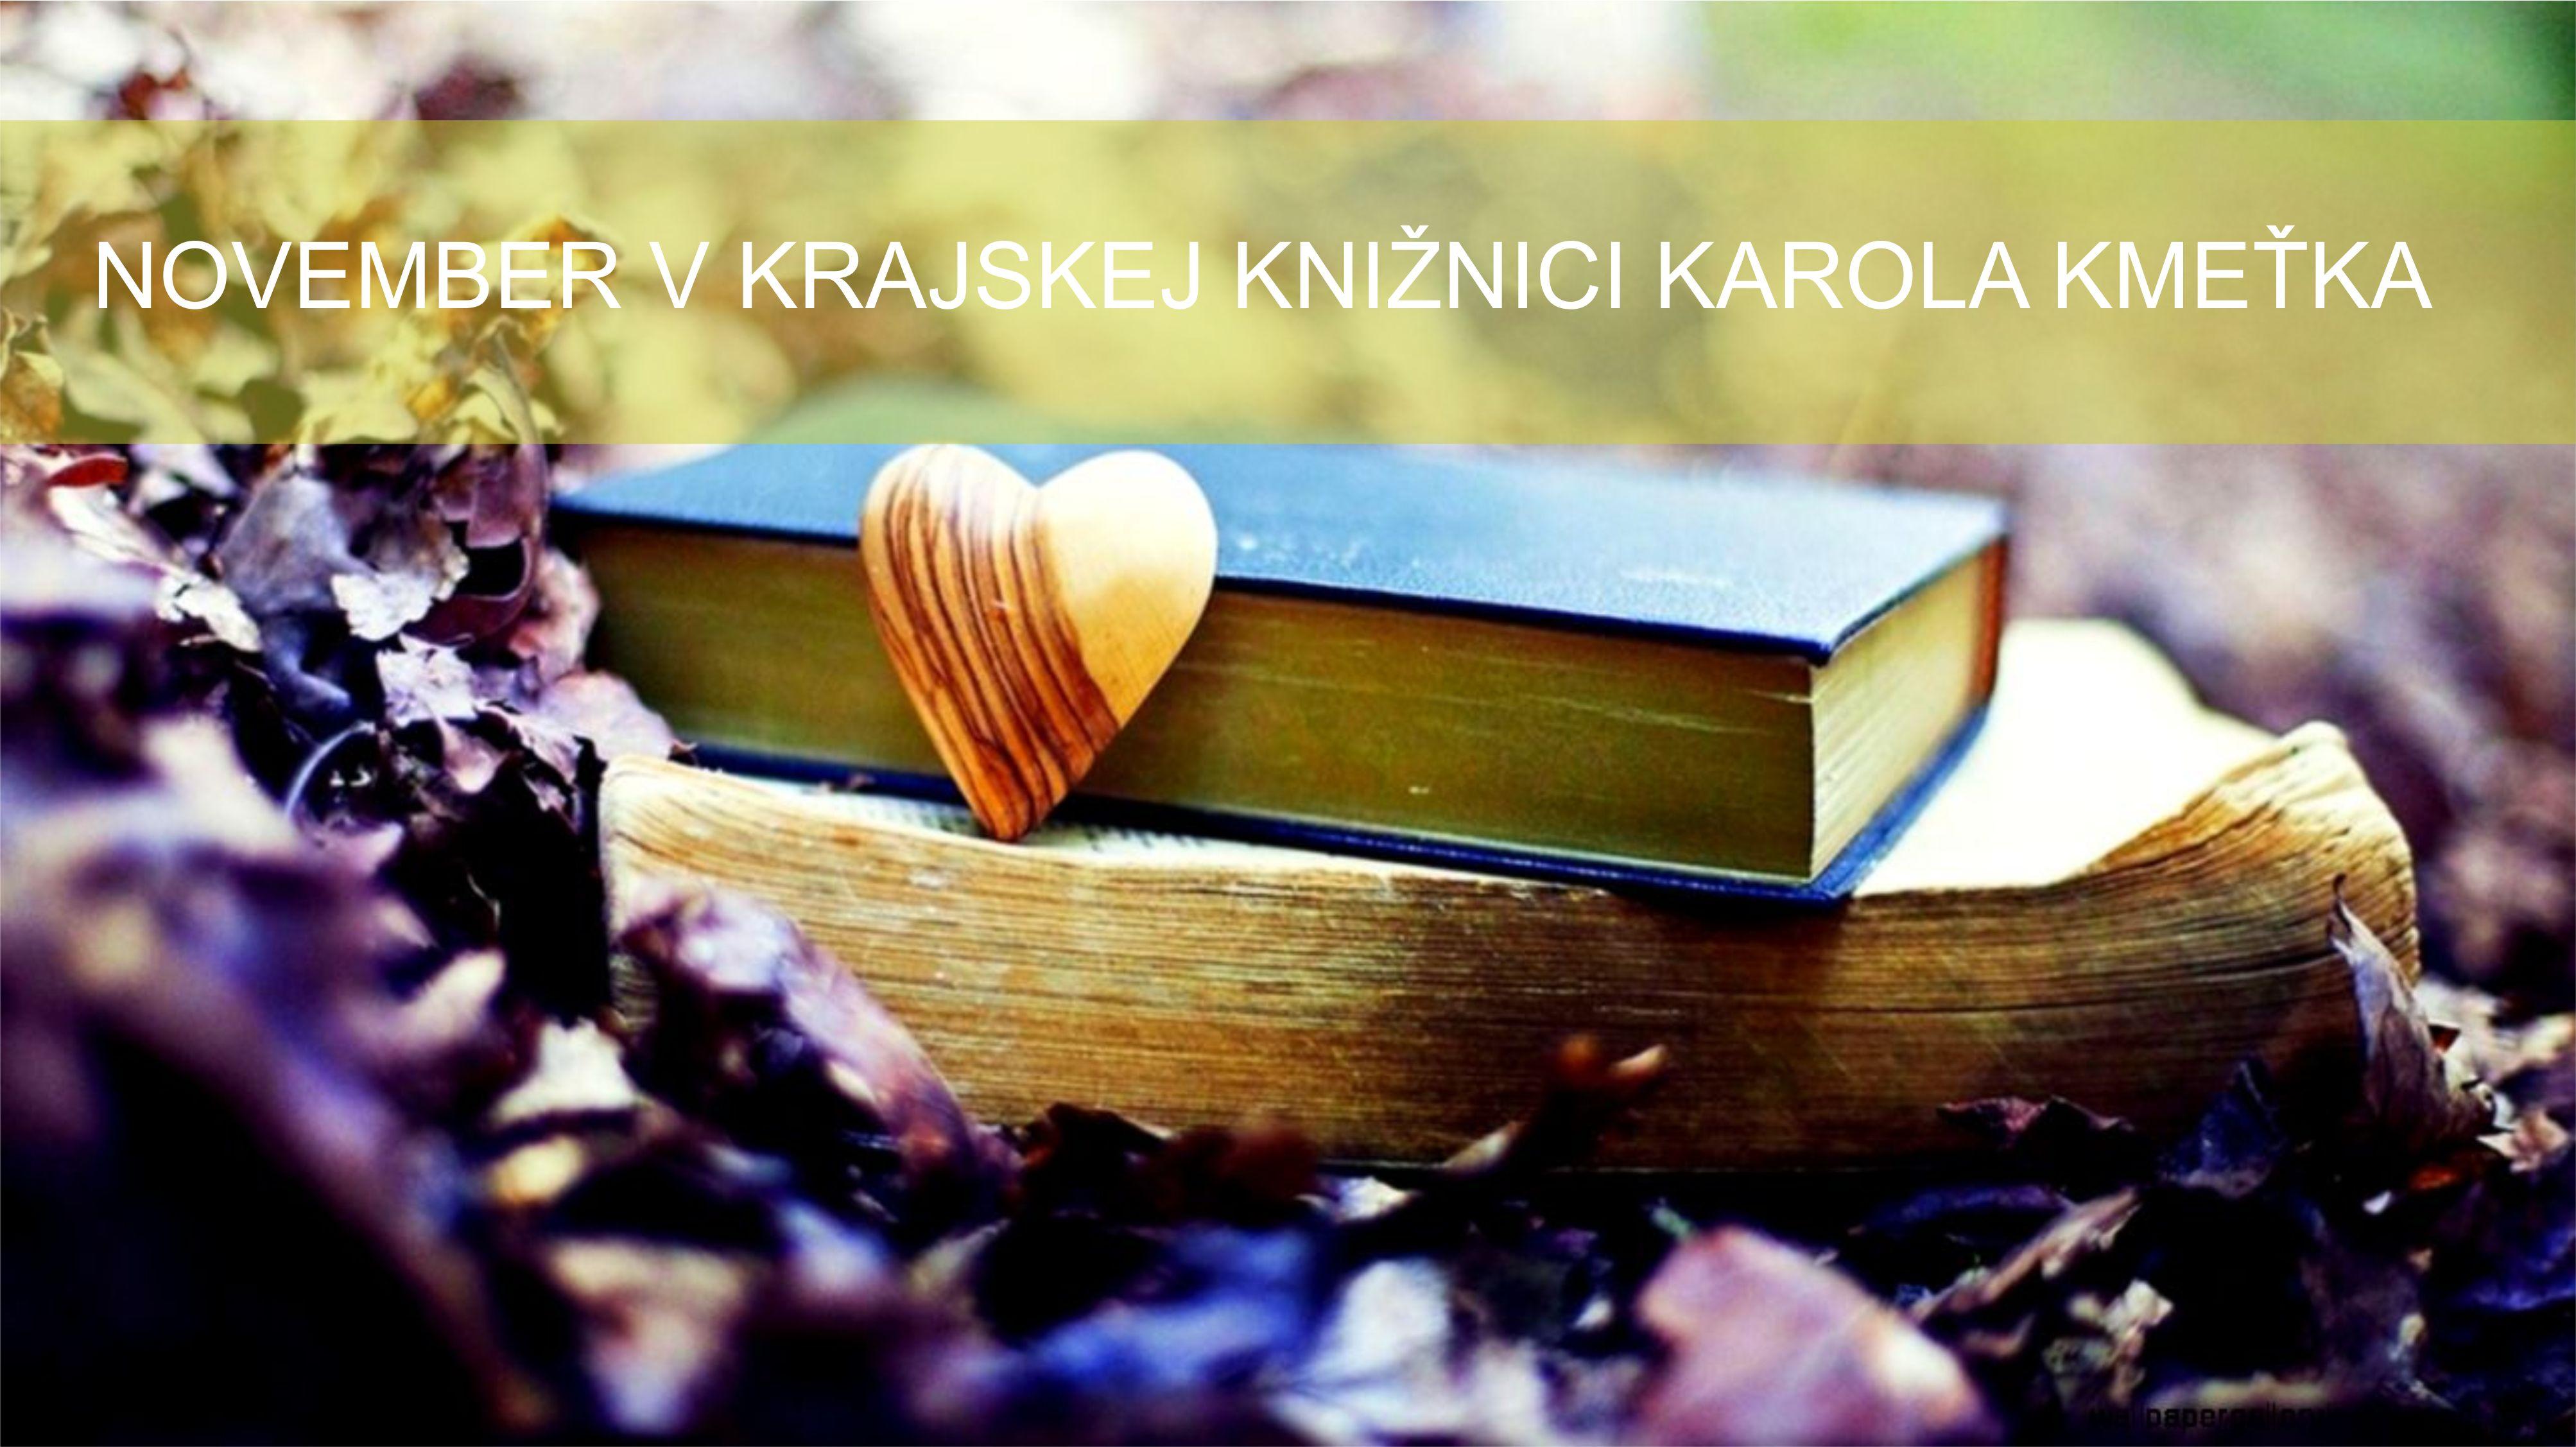 f11af630a170e November v Krajskej knižnici Karola Kmeťka - Kam v meste | moja Nitra